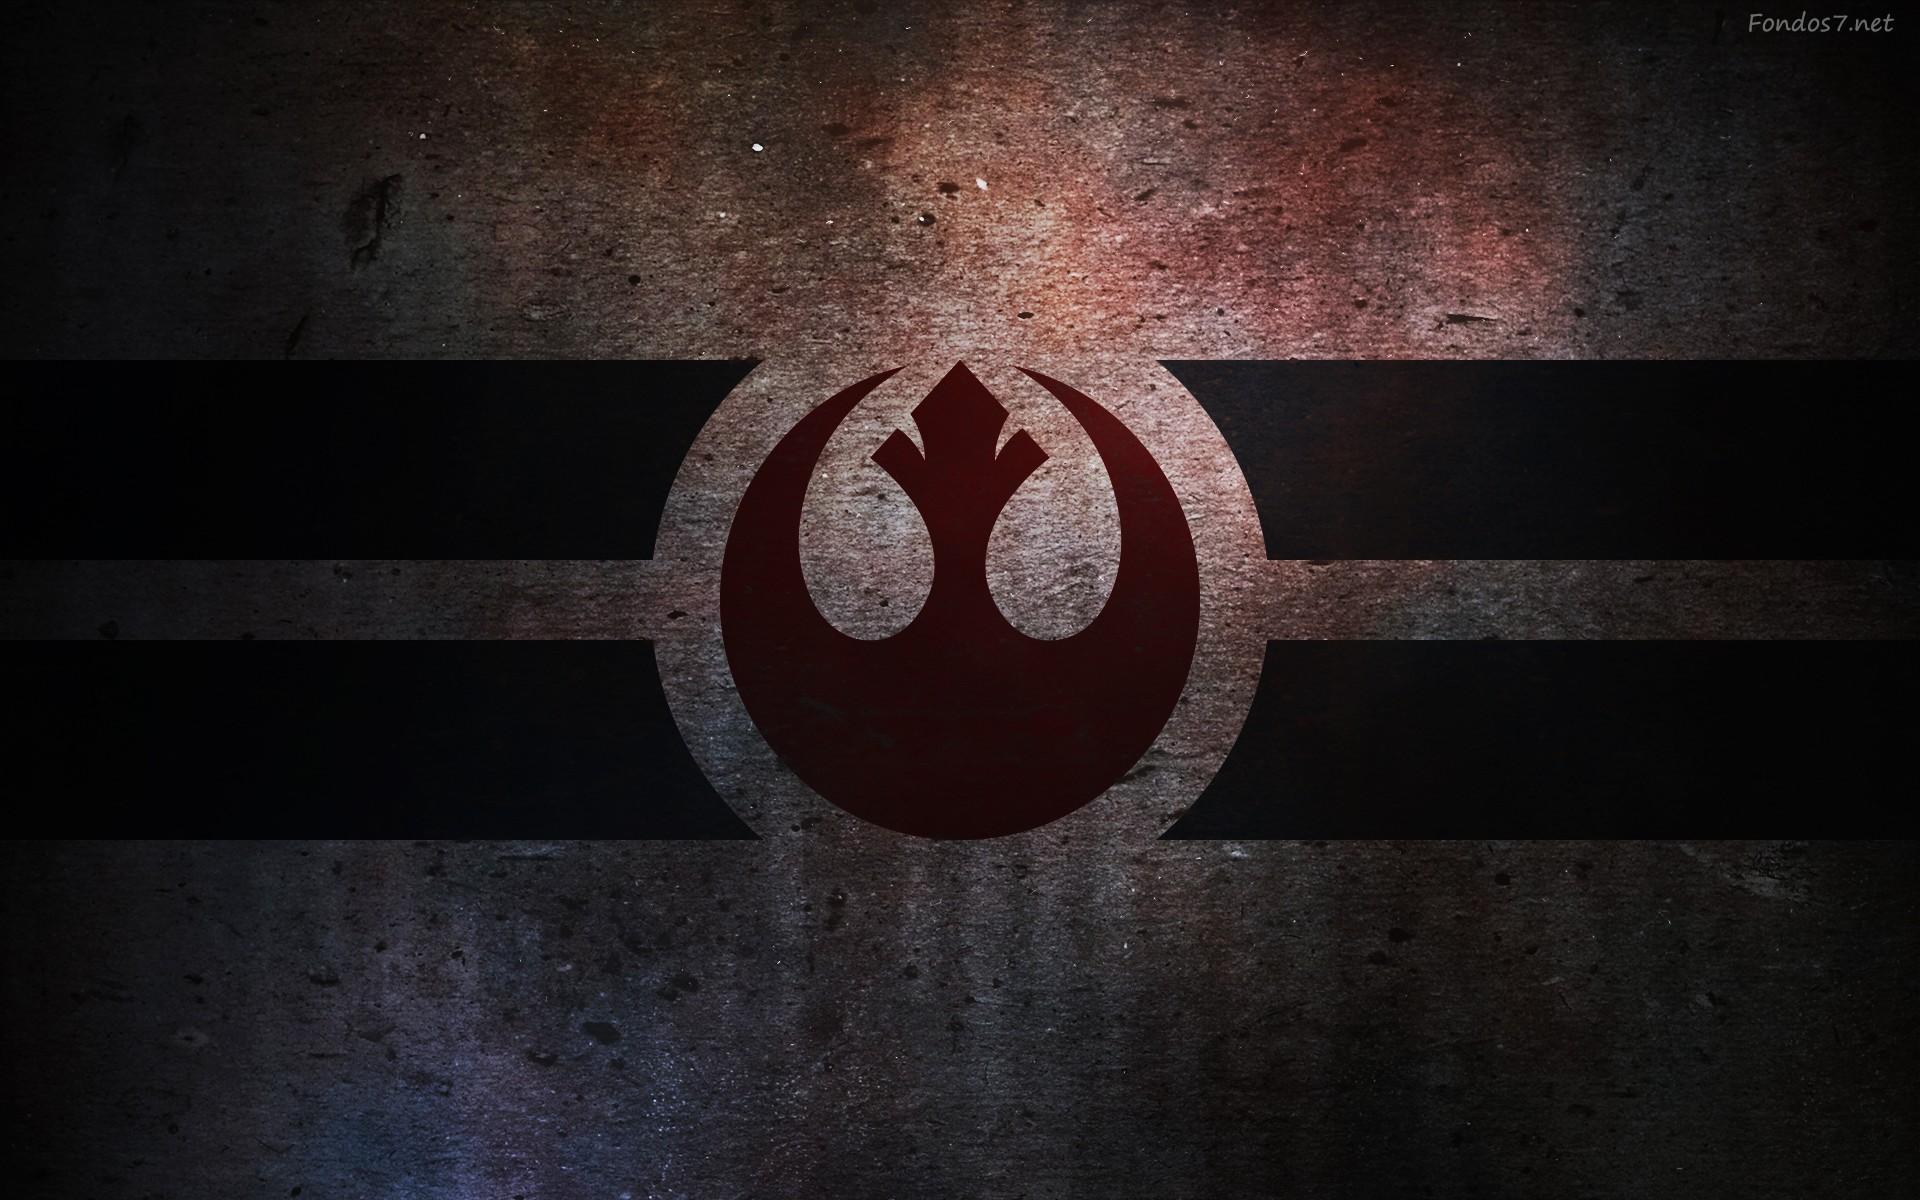 1920x1200 Star Wars Tablet Wallpaper